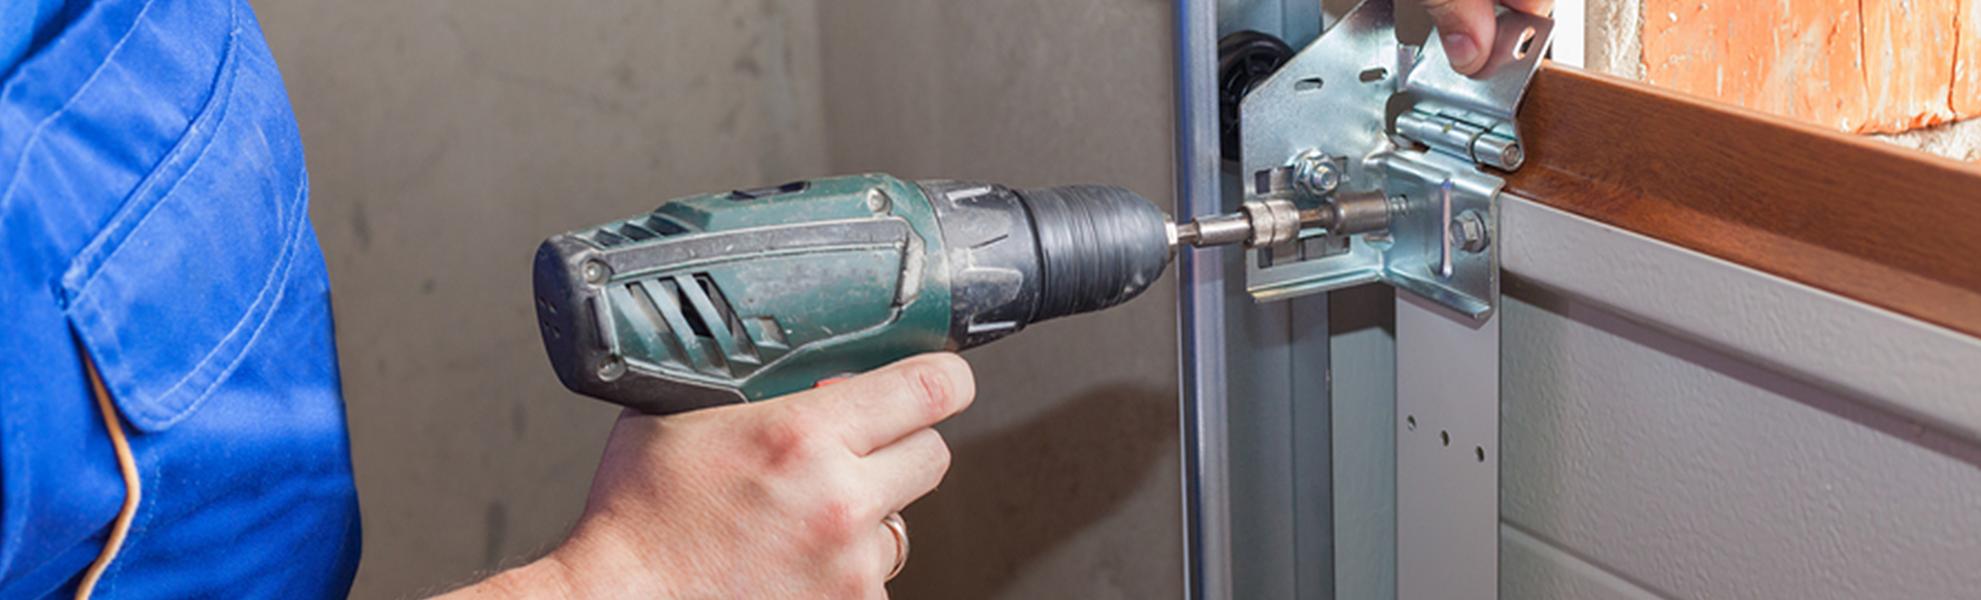 repair garage door evanston il